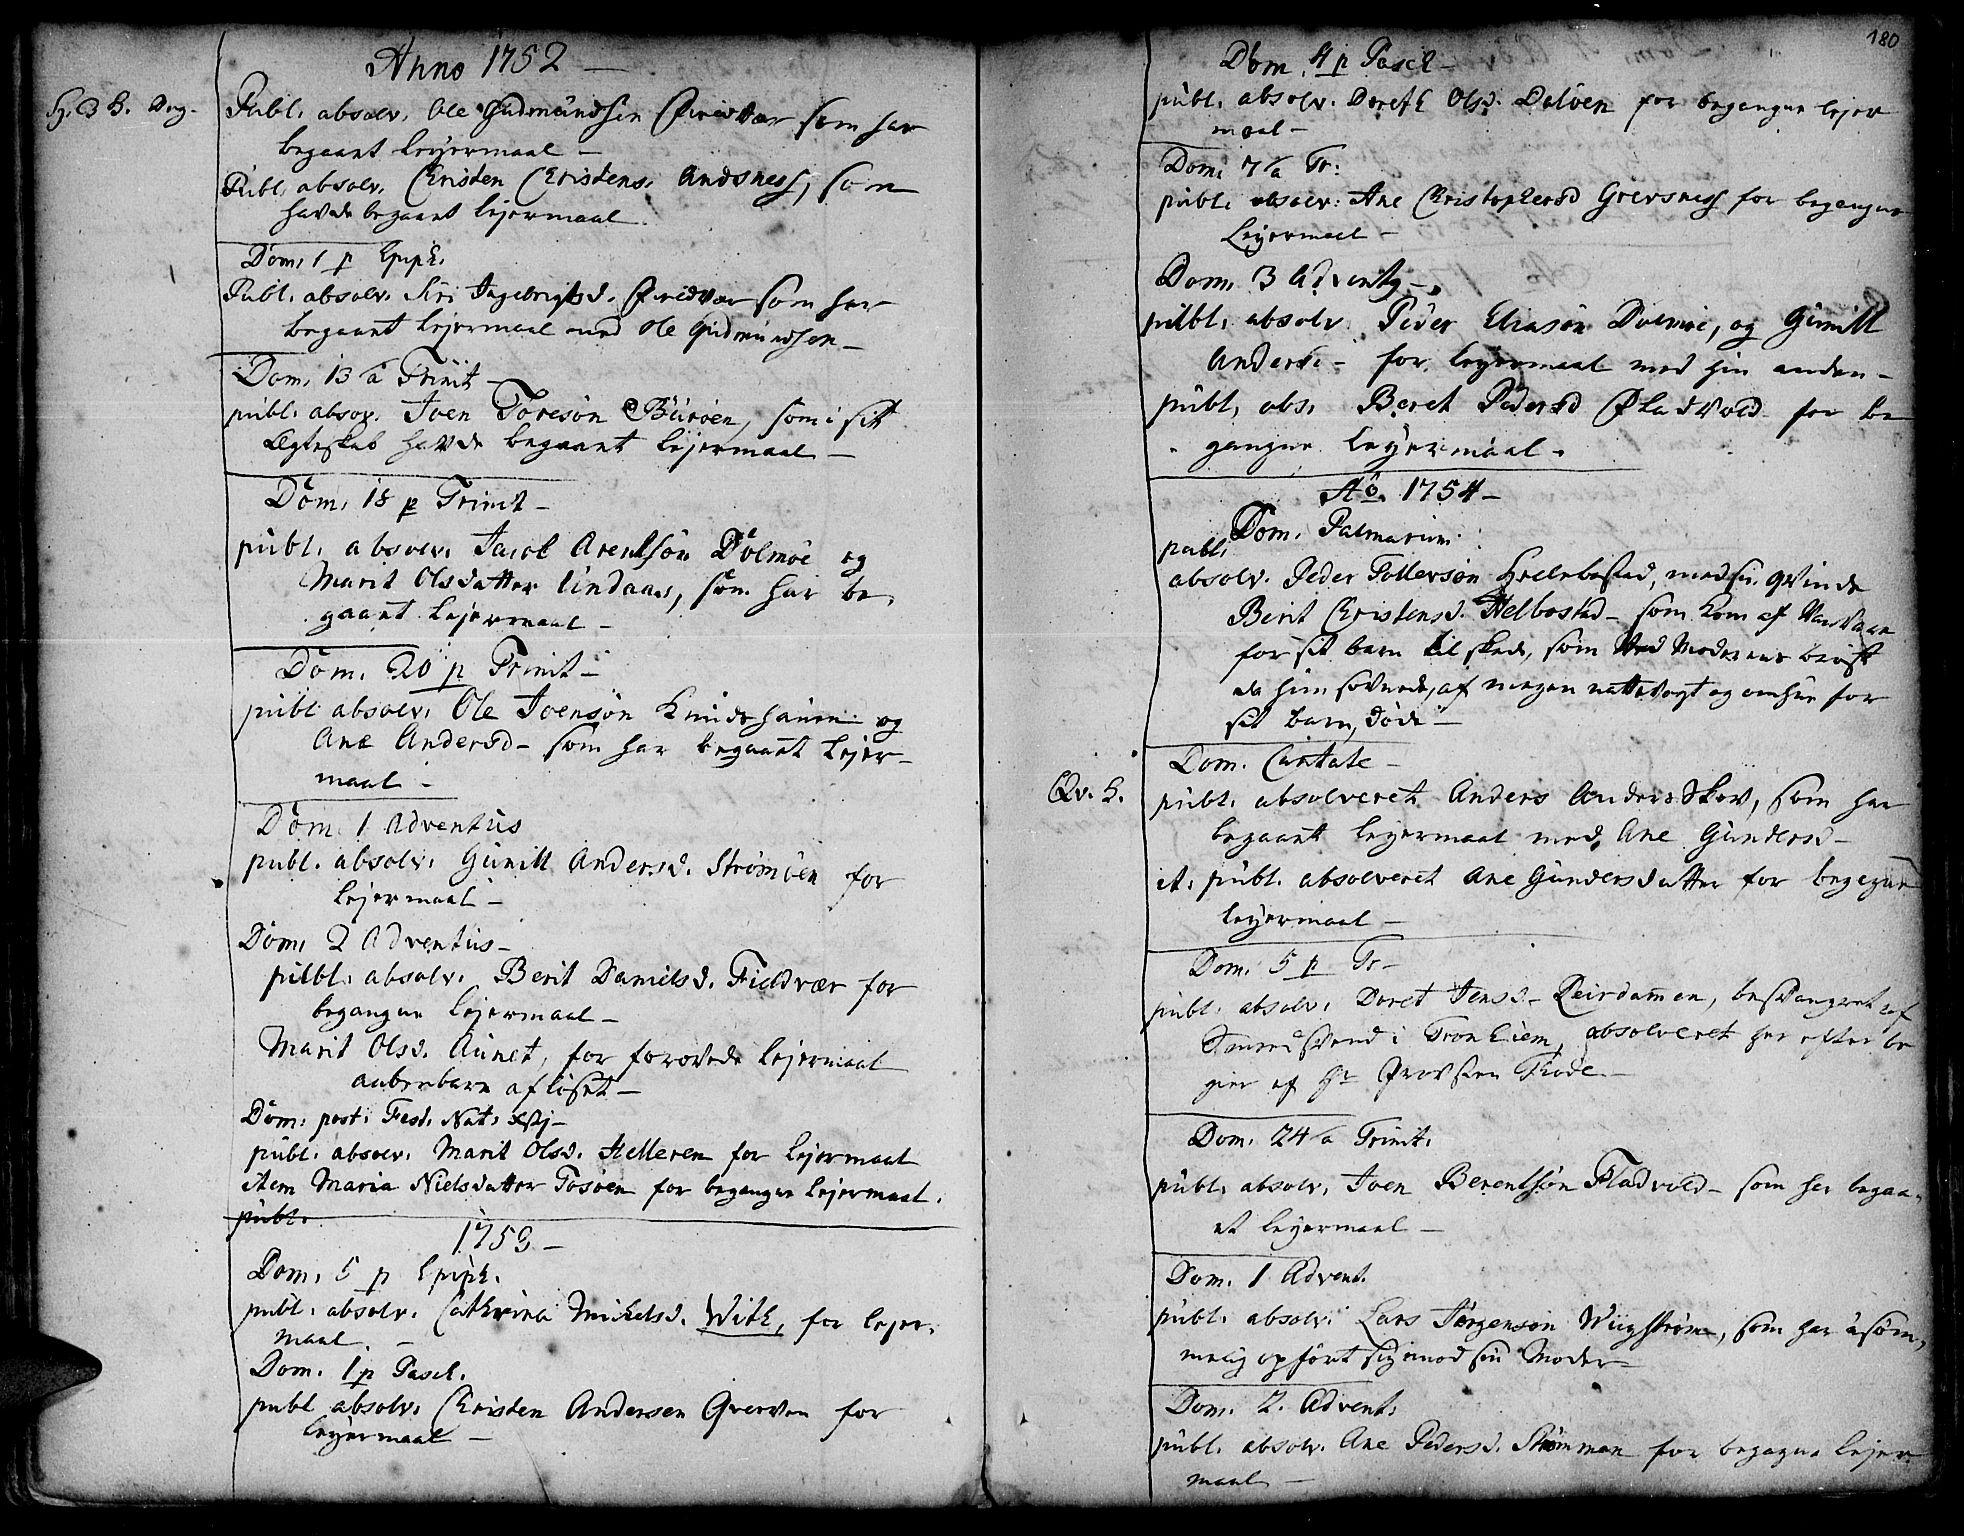 SAT, Ministerialprotokoller, klokkerbøker og fødselsregistre - Sør-Trøndelag, 634/L0525: Ministerialbok nr. 634A01, 1736-1775, s. 180